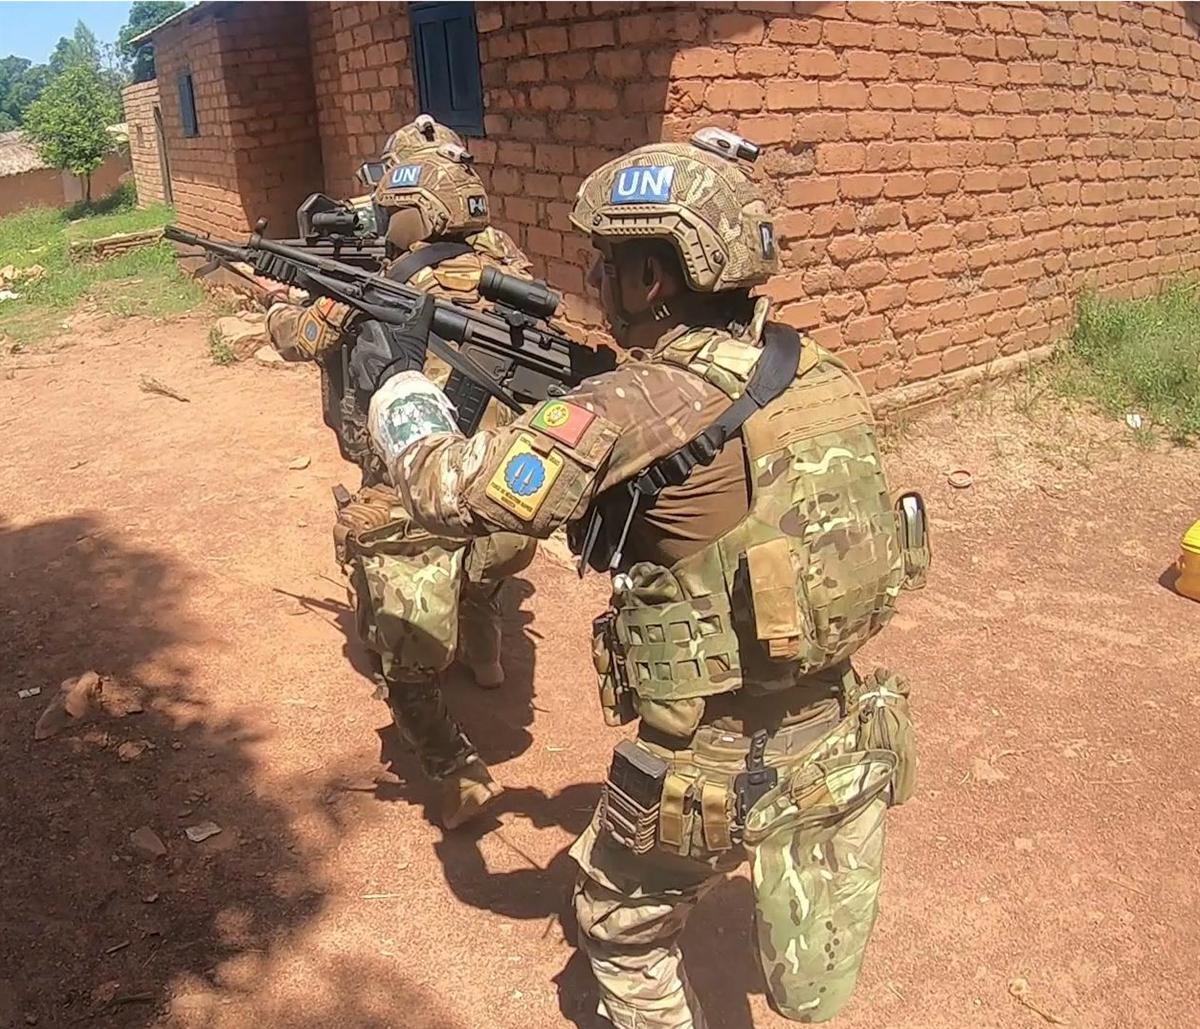 Paraquedistas portugueses em combate na cidade de Bambari. Foto via Diário de Notícias.